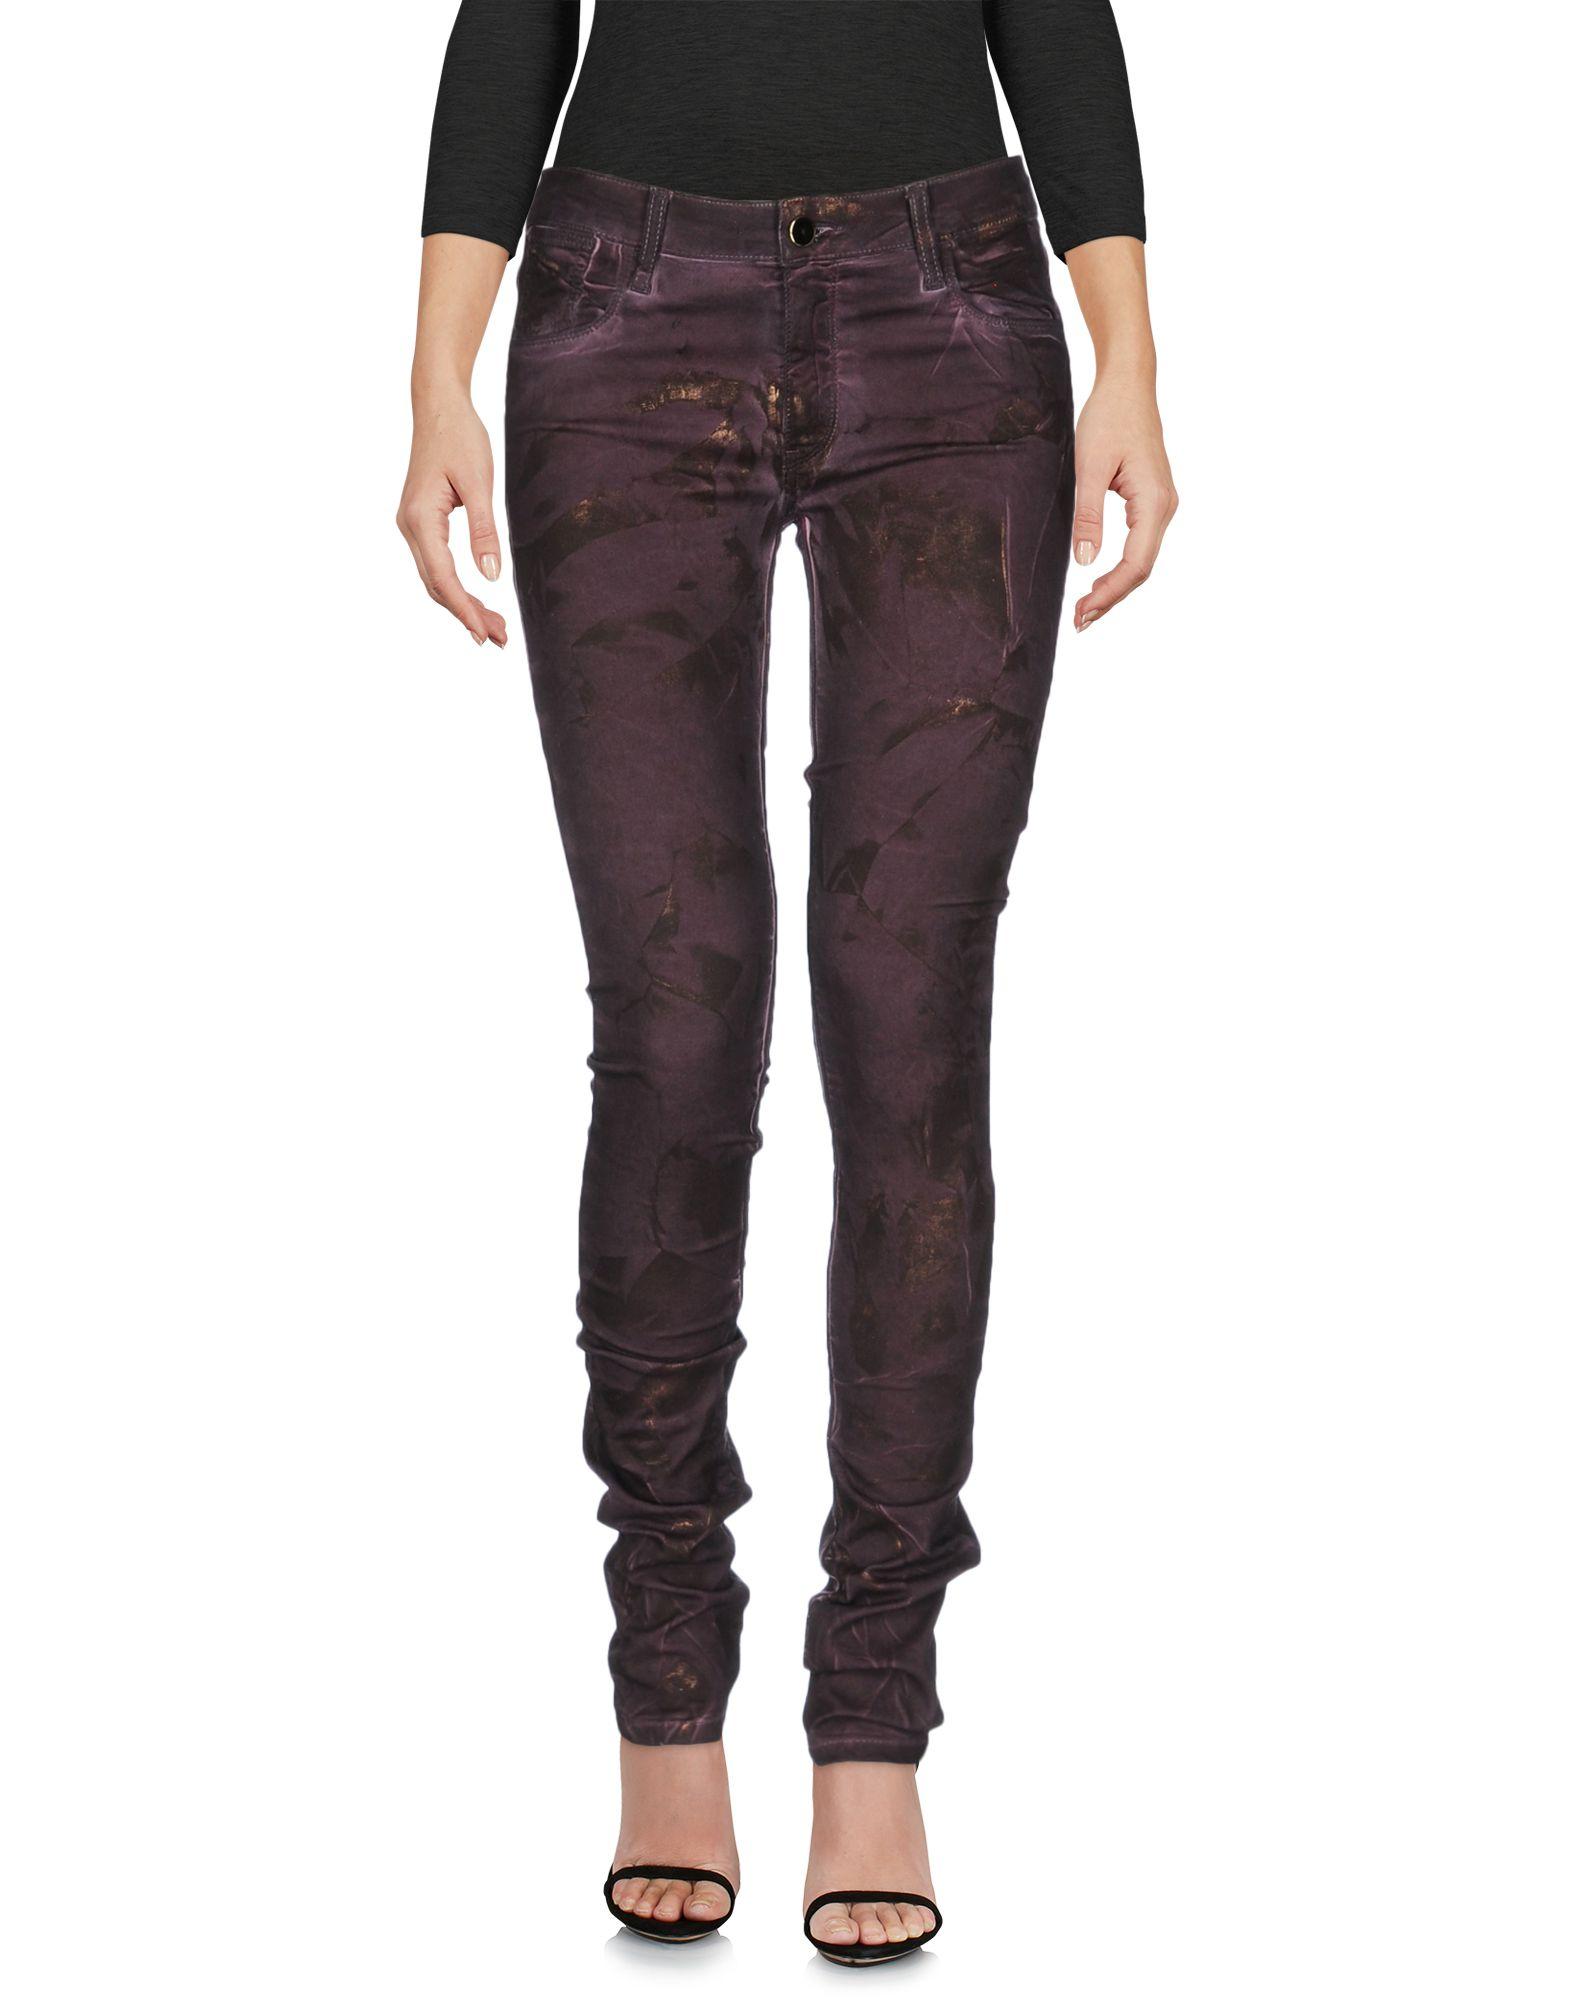 цены на AARCC Джинсовые брюки в интернет-магазинах